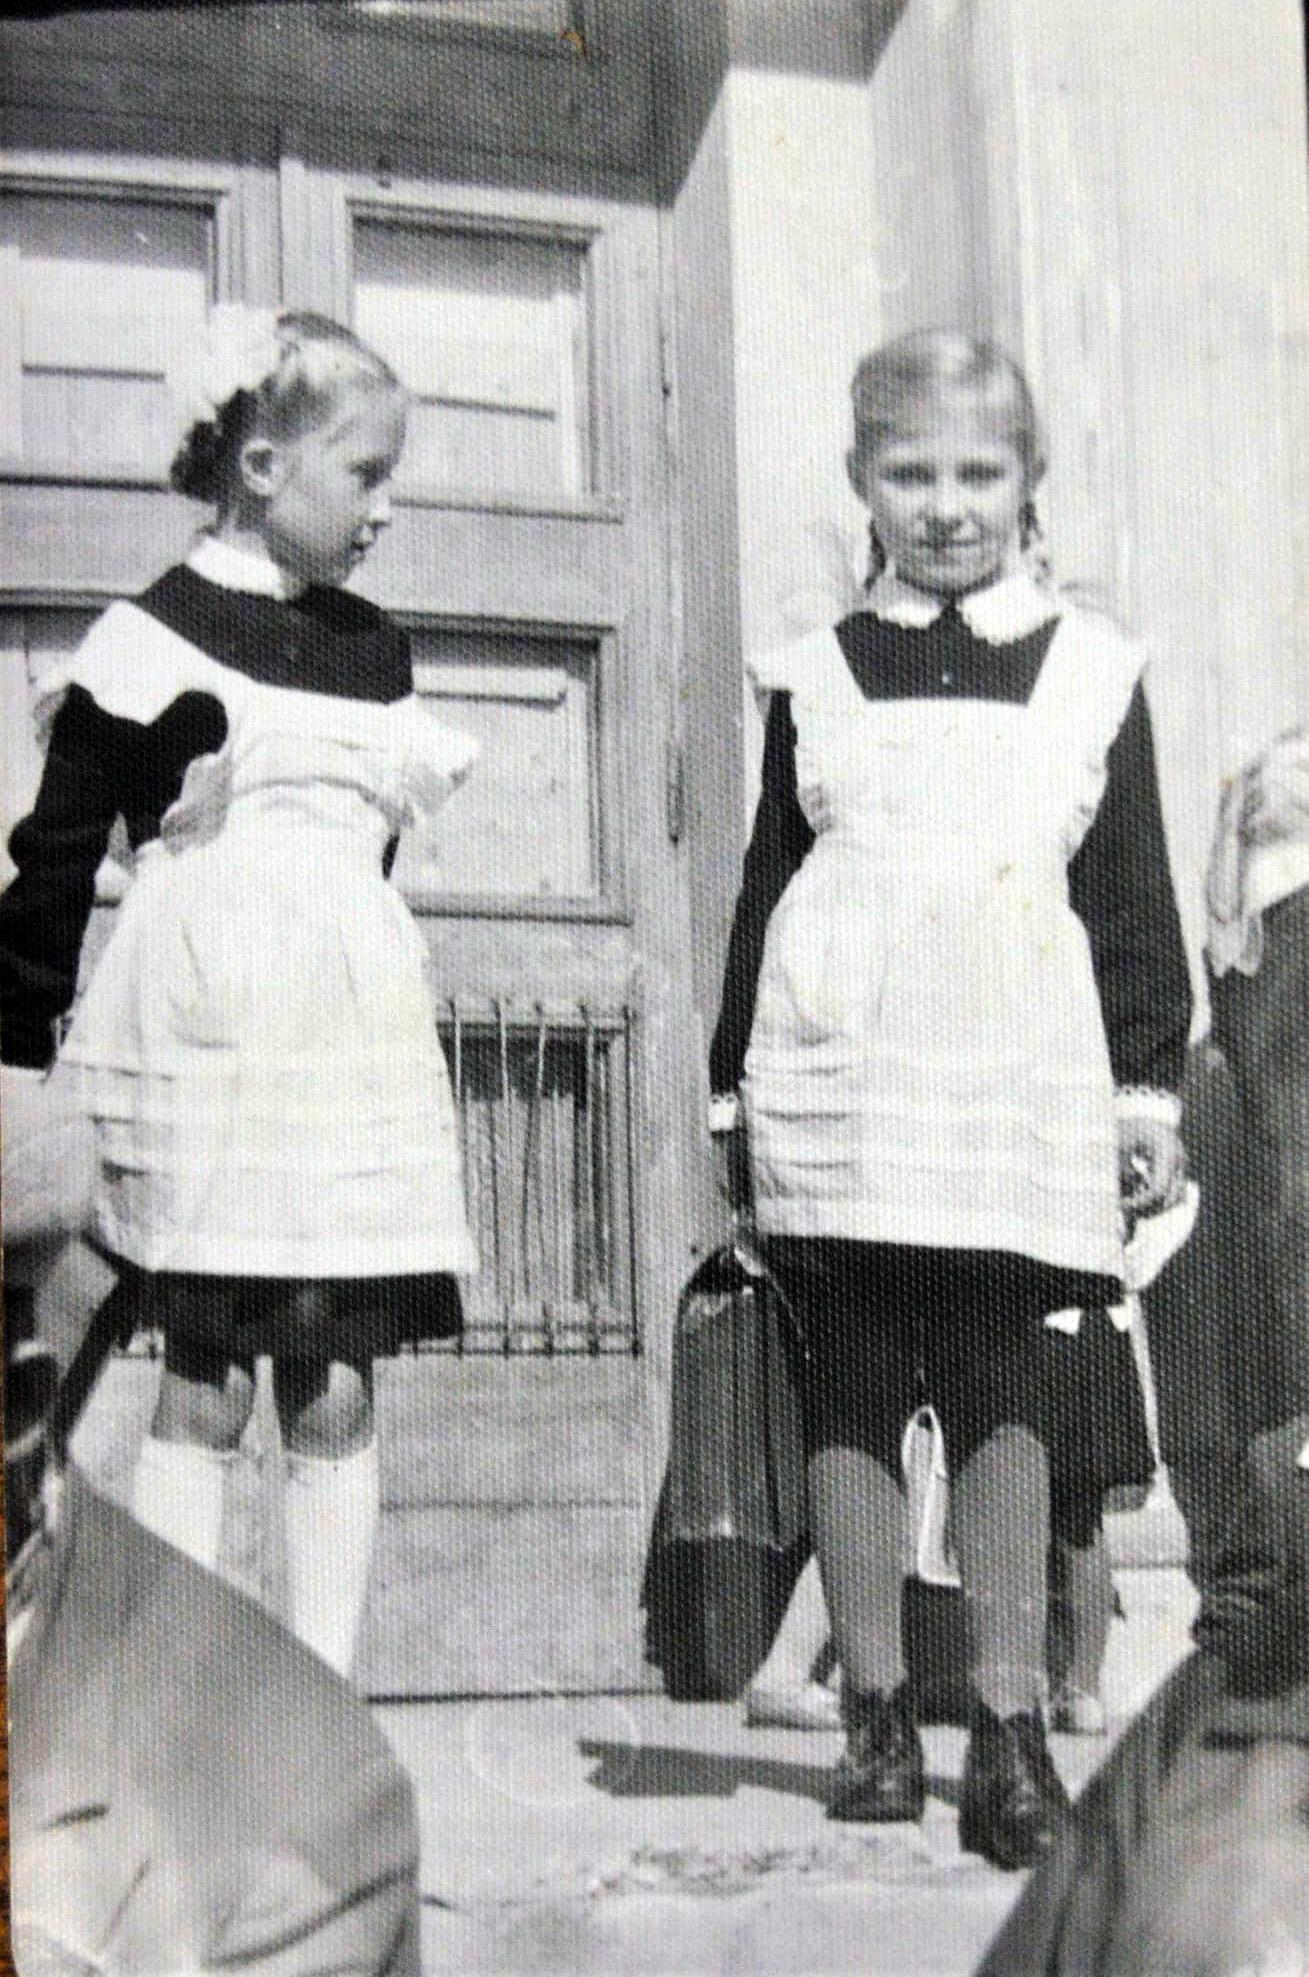 1966 Школа 844 Орлова Люба с Грачевой Леной 1-й Б